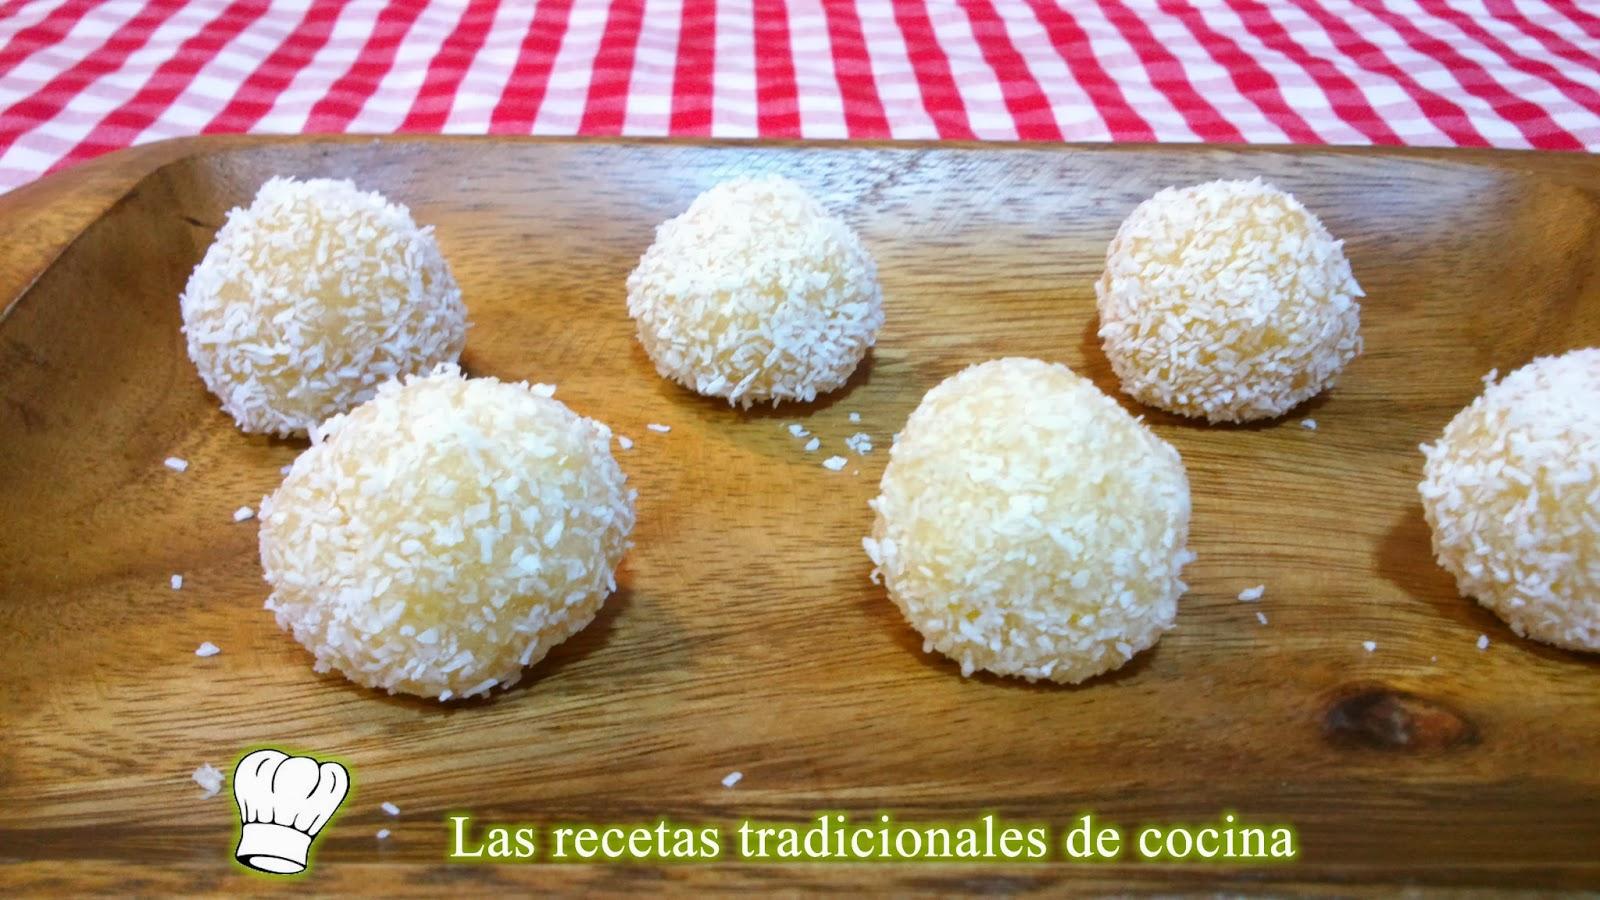 panellets receta tradicional